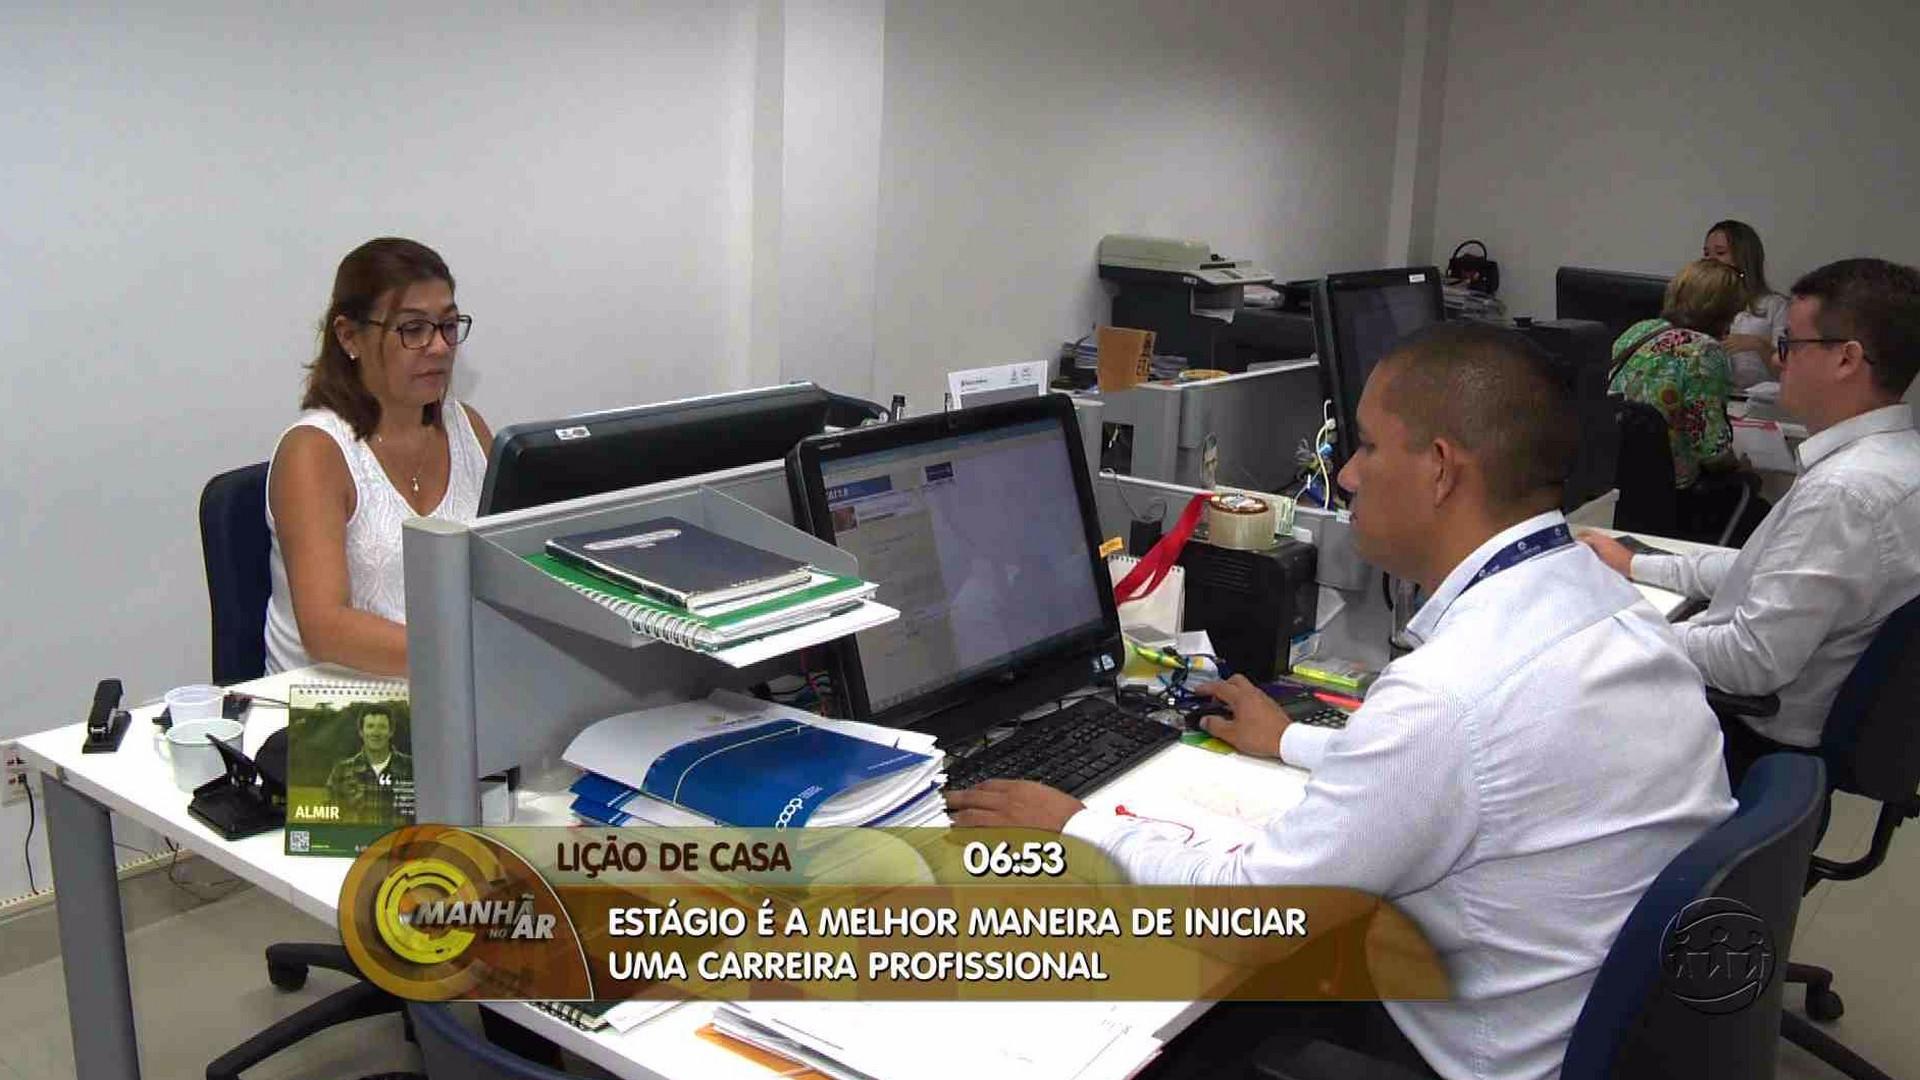 SAIBA O QUE É PRECISO PARA SE DESTACAR NA PRIMEIRA EXPERIÊNCIA PROFISSIONAL - Manhã no Ar 27/06/17